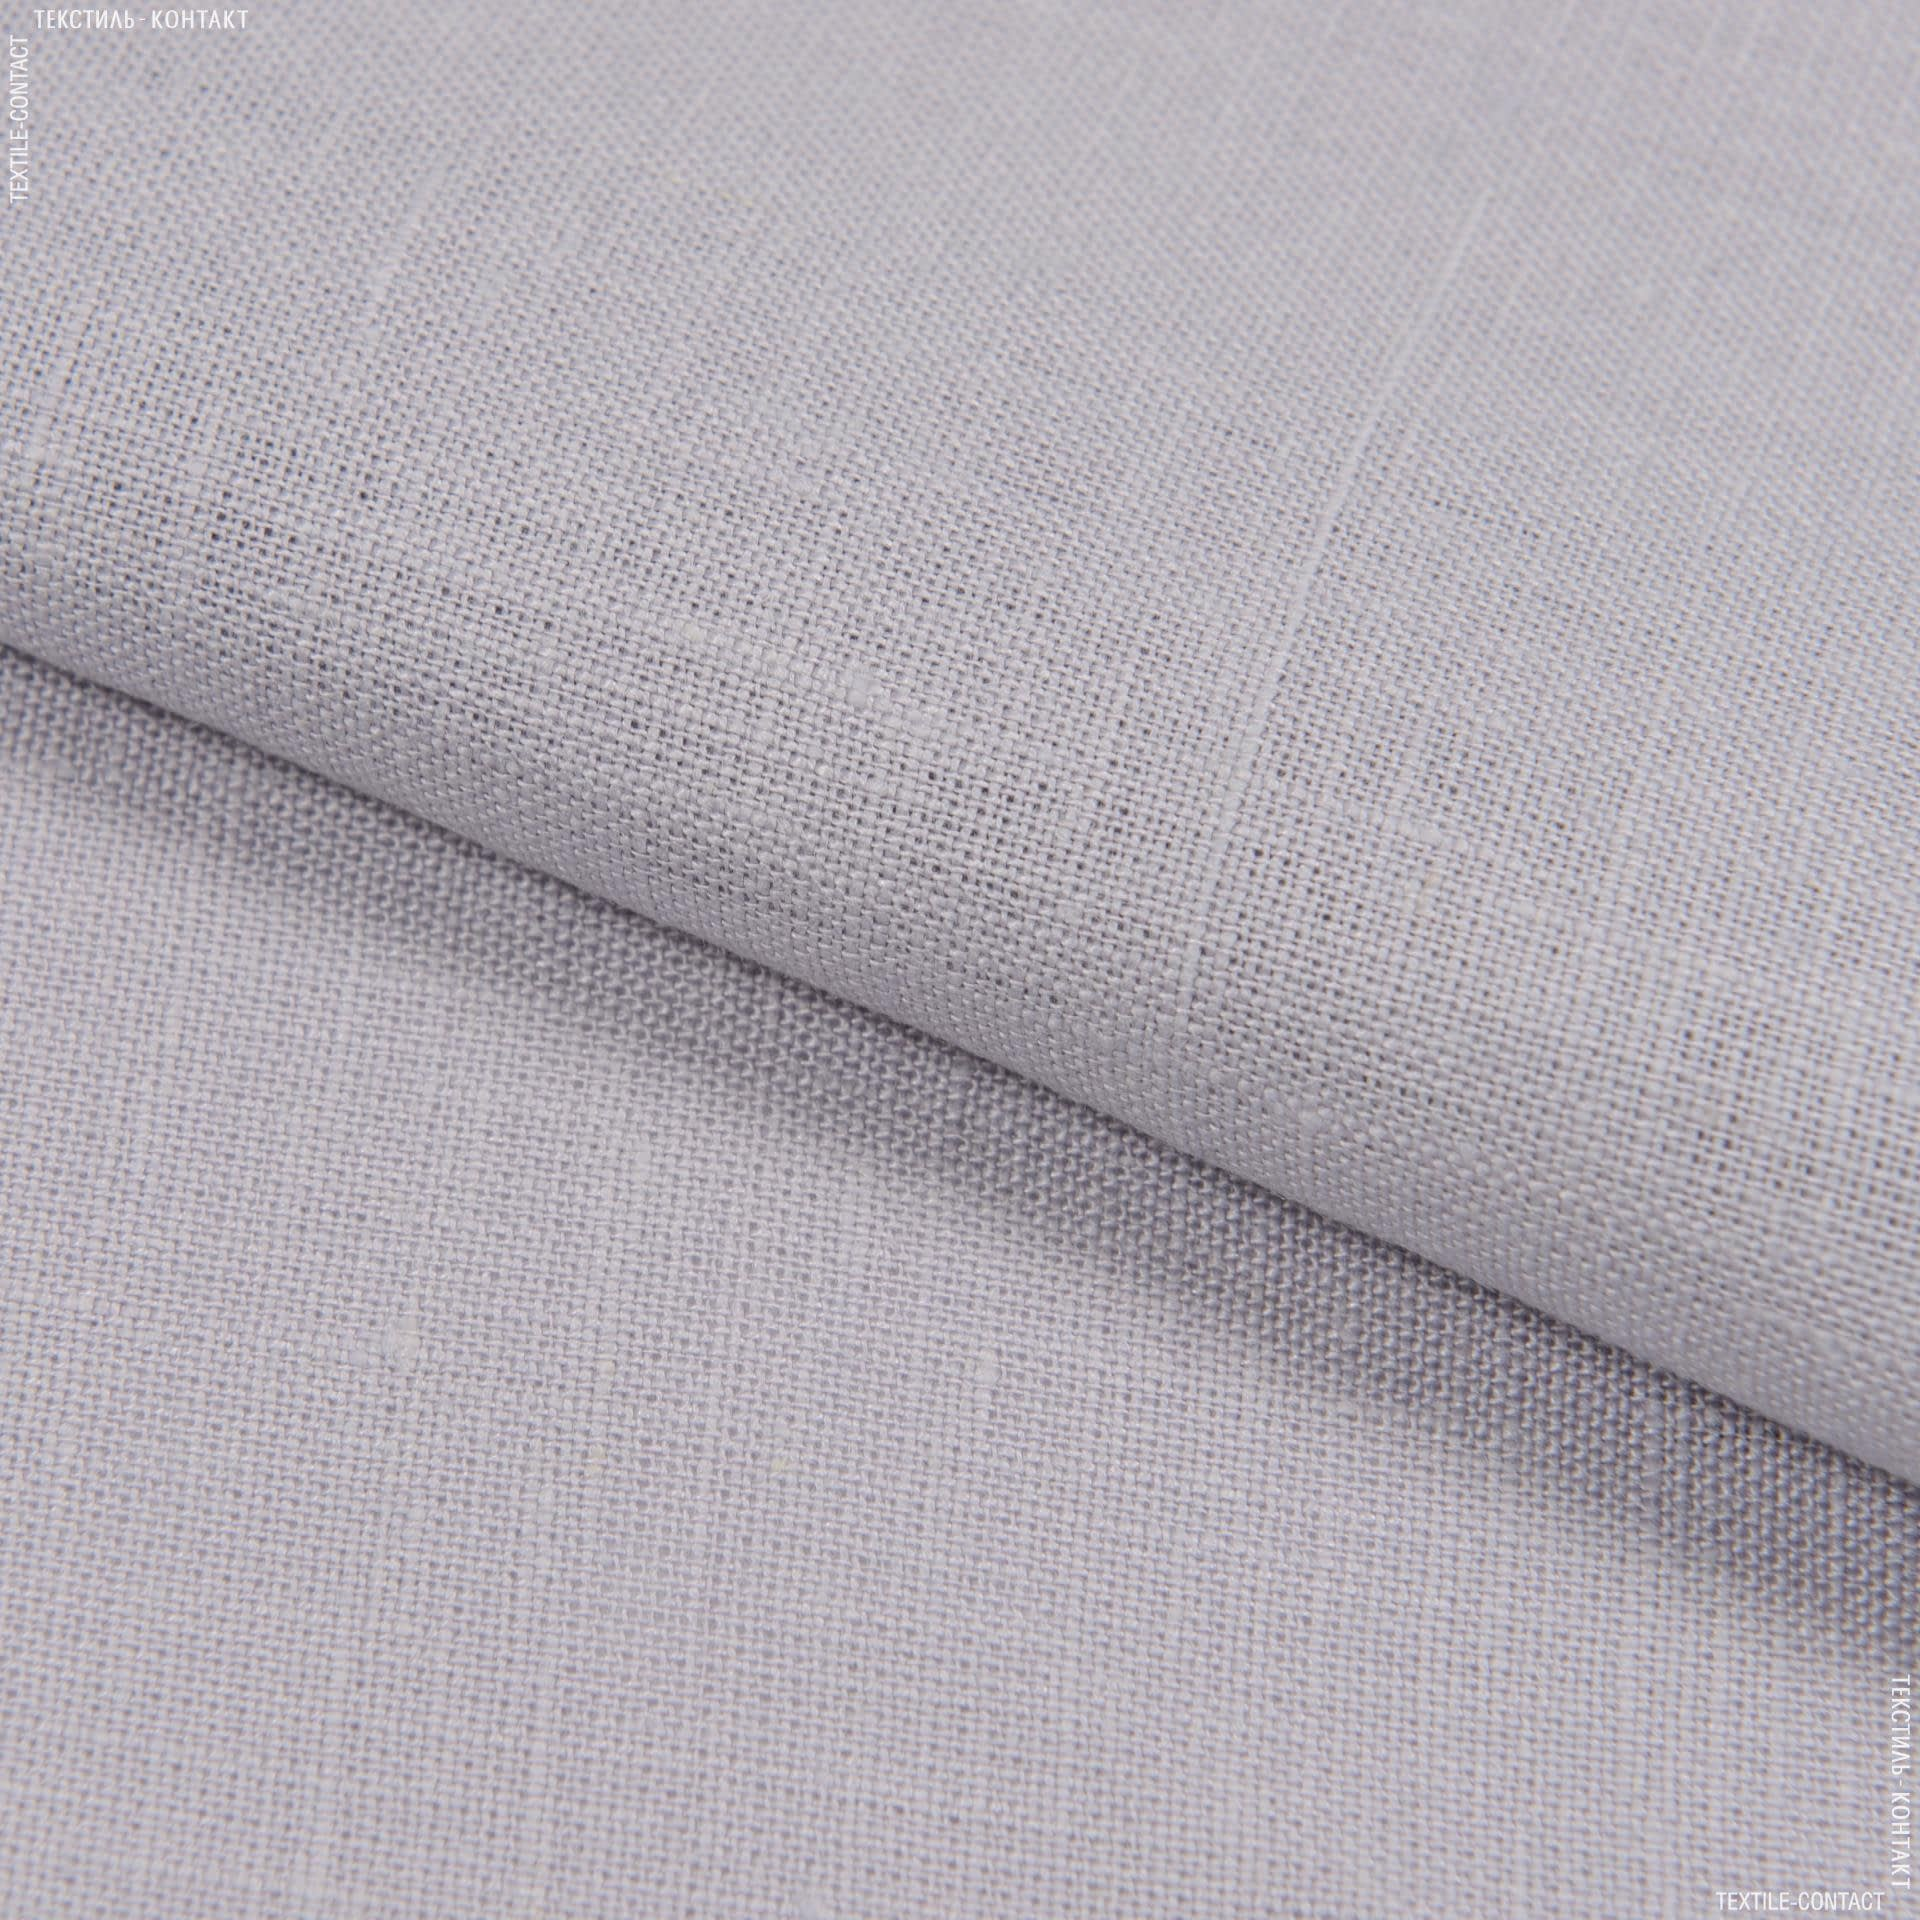 Тканини для блузок - Льон костюмний пом'якшений бузково-сірий